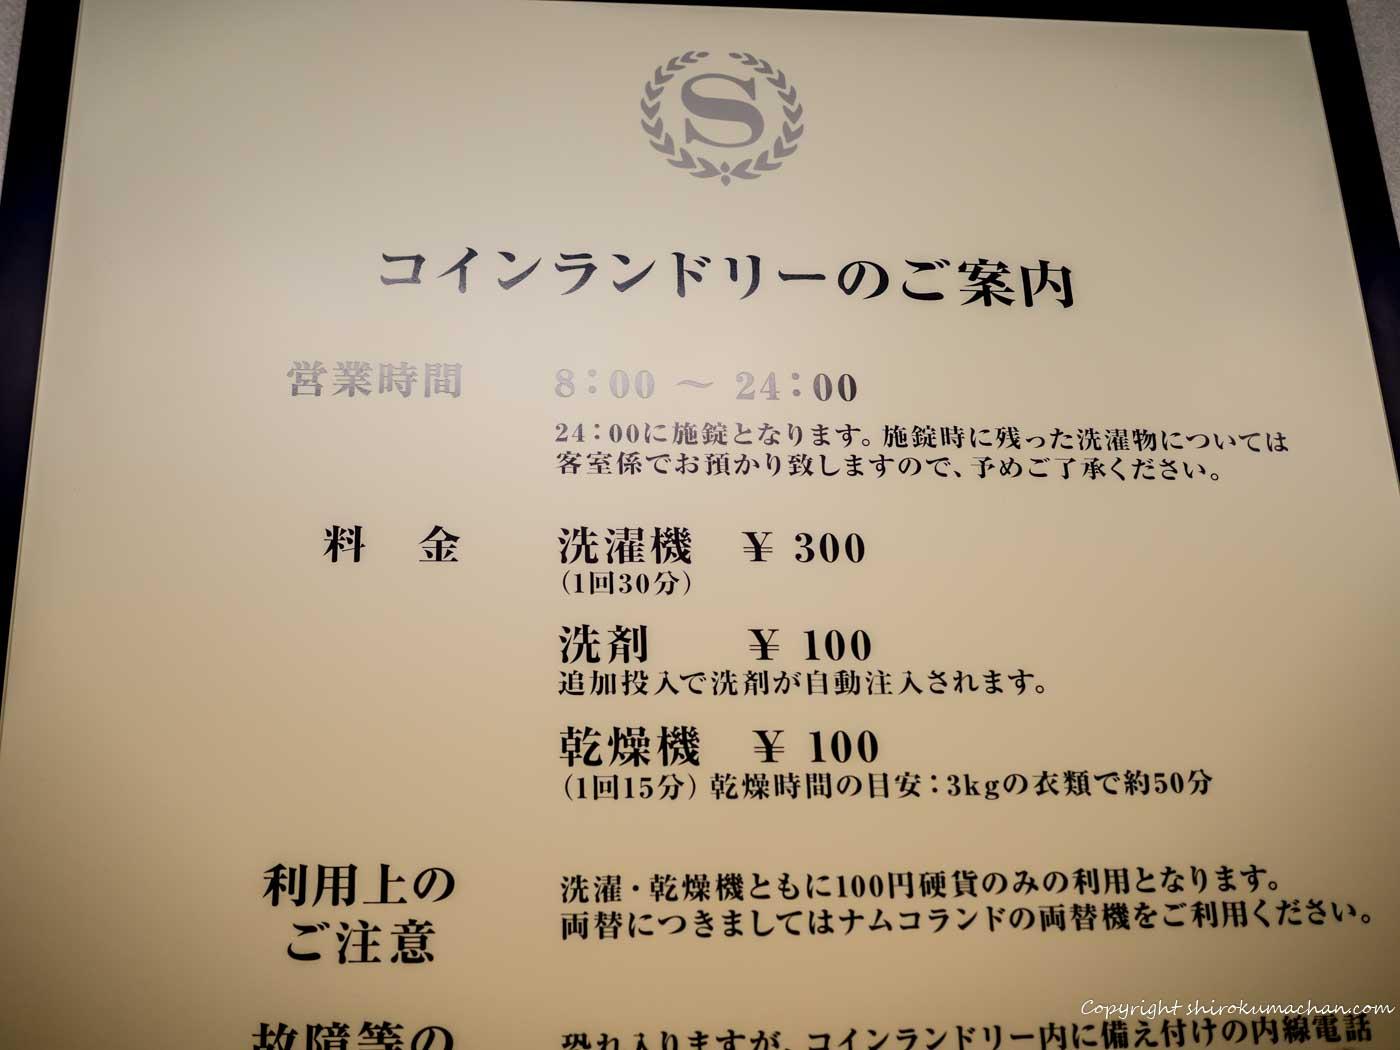 シェラトン・グランデ・トーキョーベイ・ホテル コインランドリー料金表